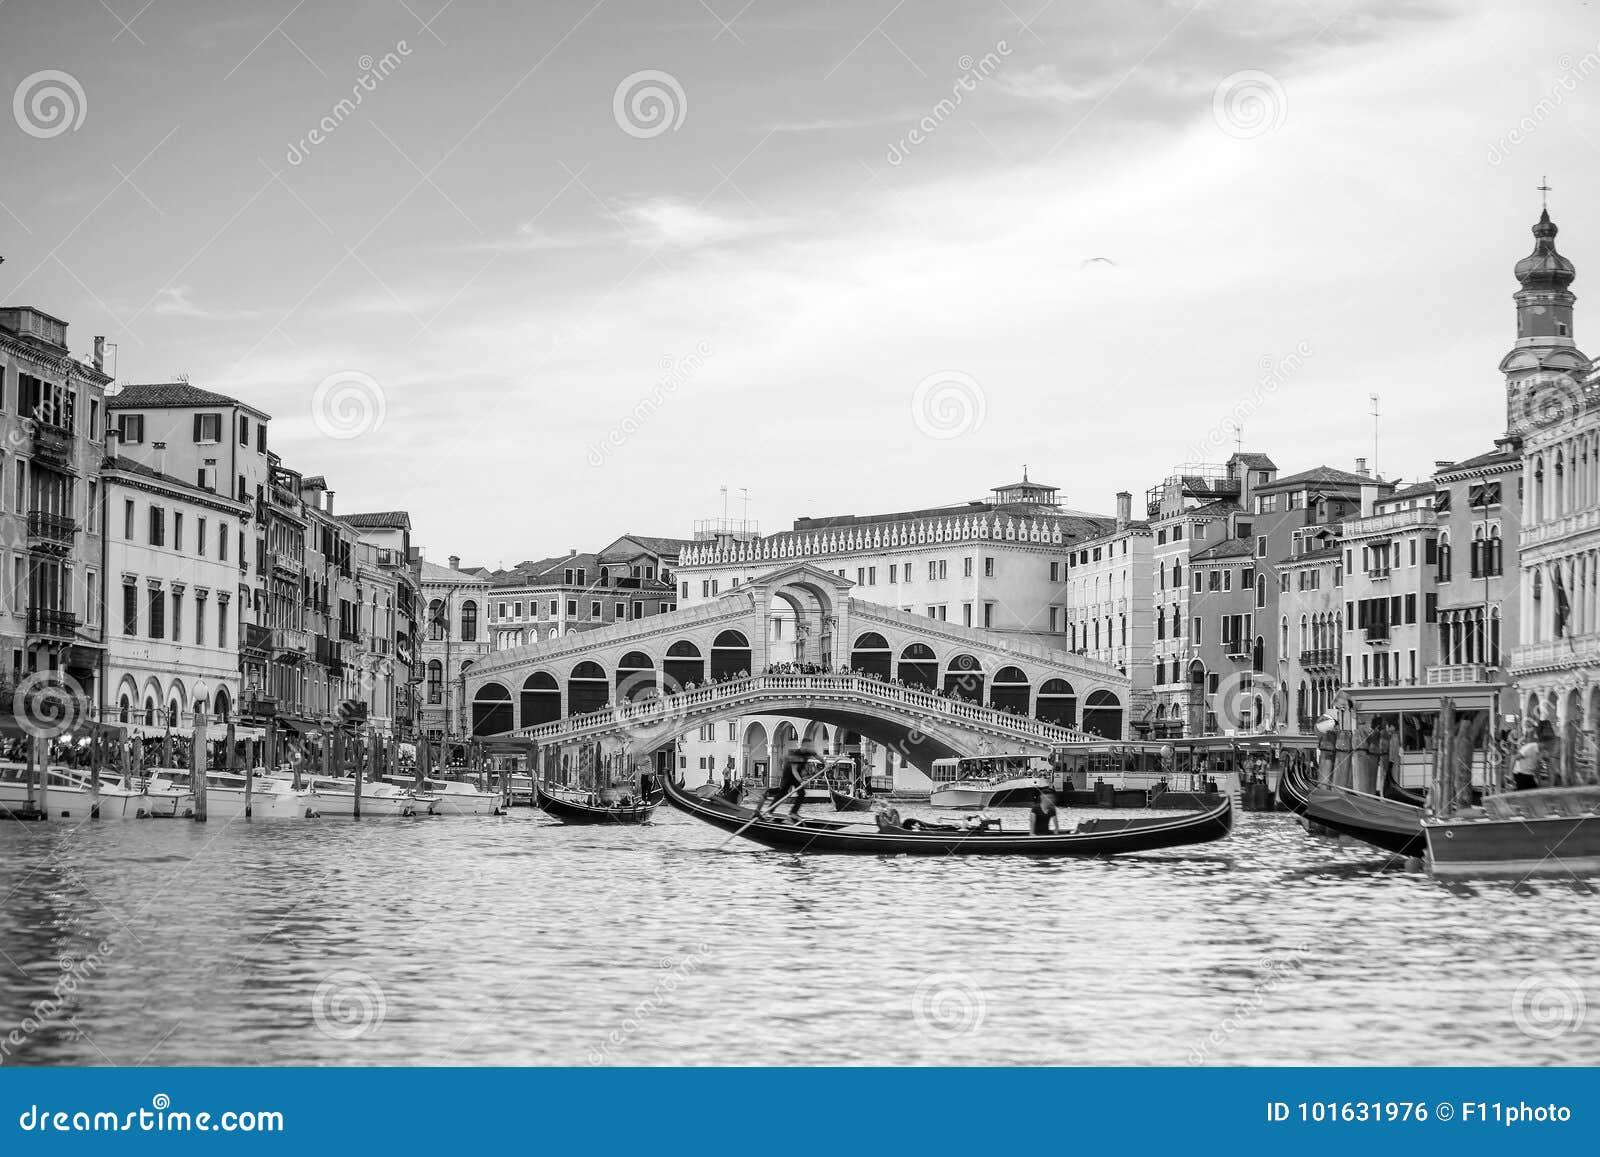 c7b832368 Puente De Rialto En Venecia